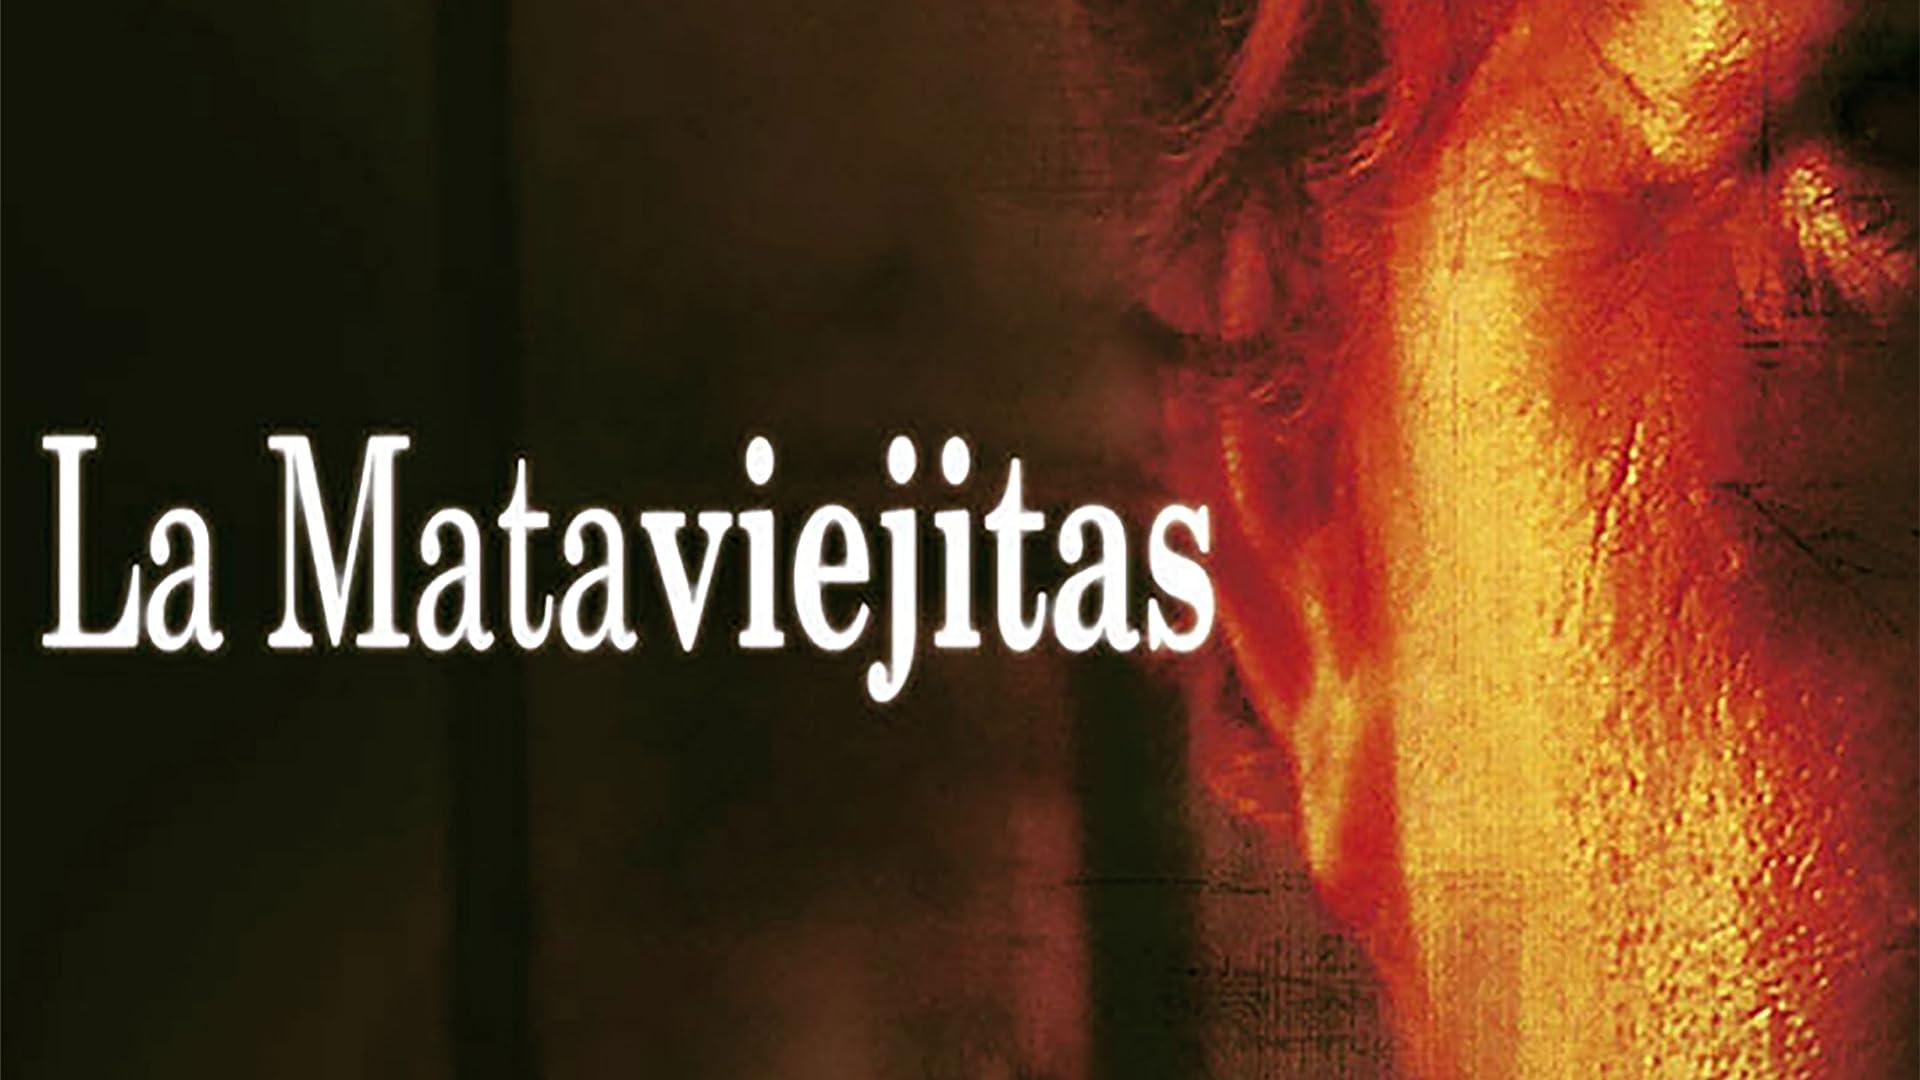 La Mataviejitas